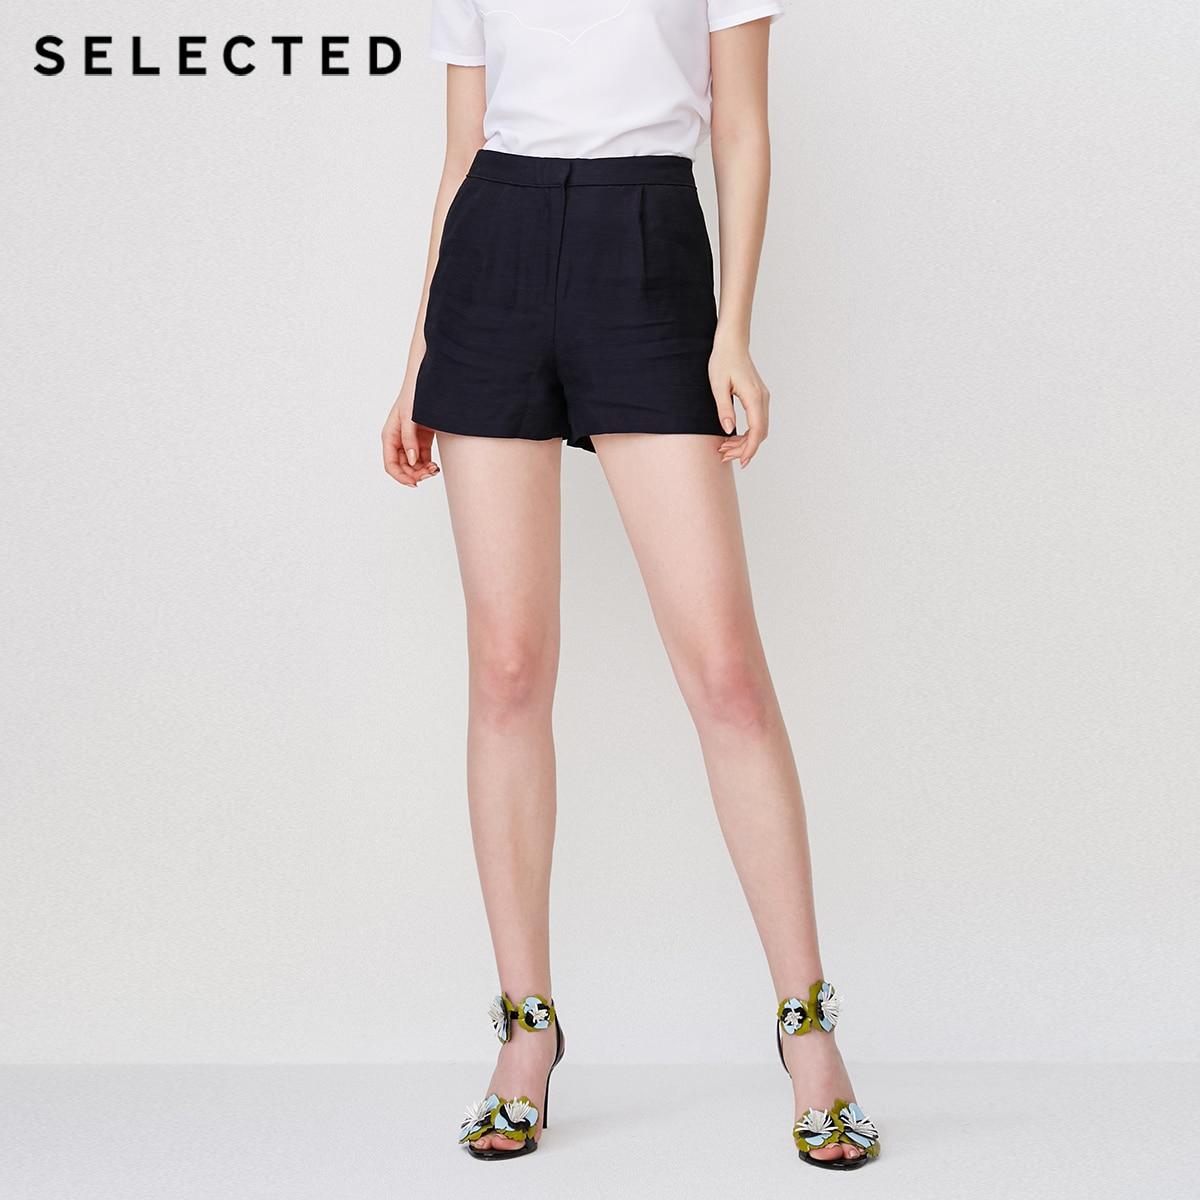 AUSGEWÄHLT frauen Reine Farbe Blending Shorts S  4182SH503-in Hosen & Caprihosen aus Damenbekleidung bei AliExpress - 11.11_Doppel-11Tag der Singles 1